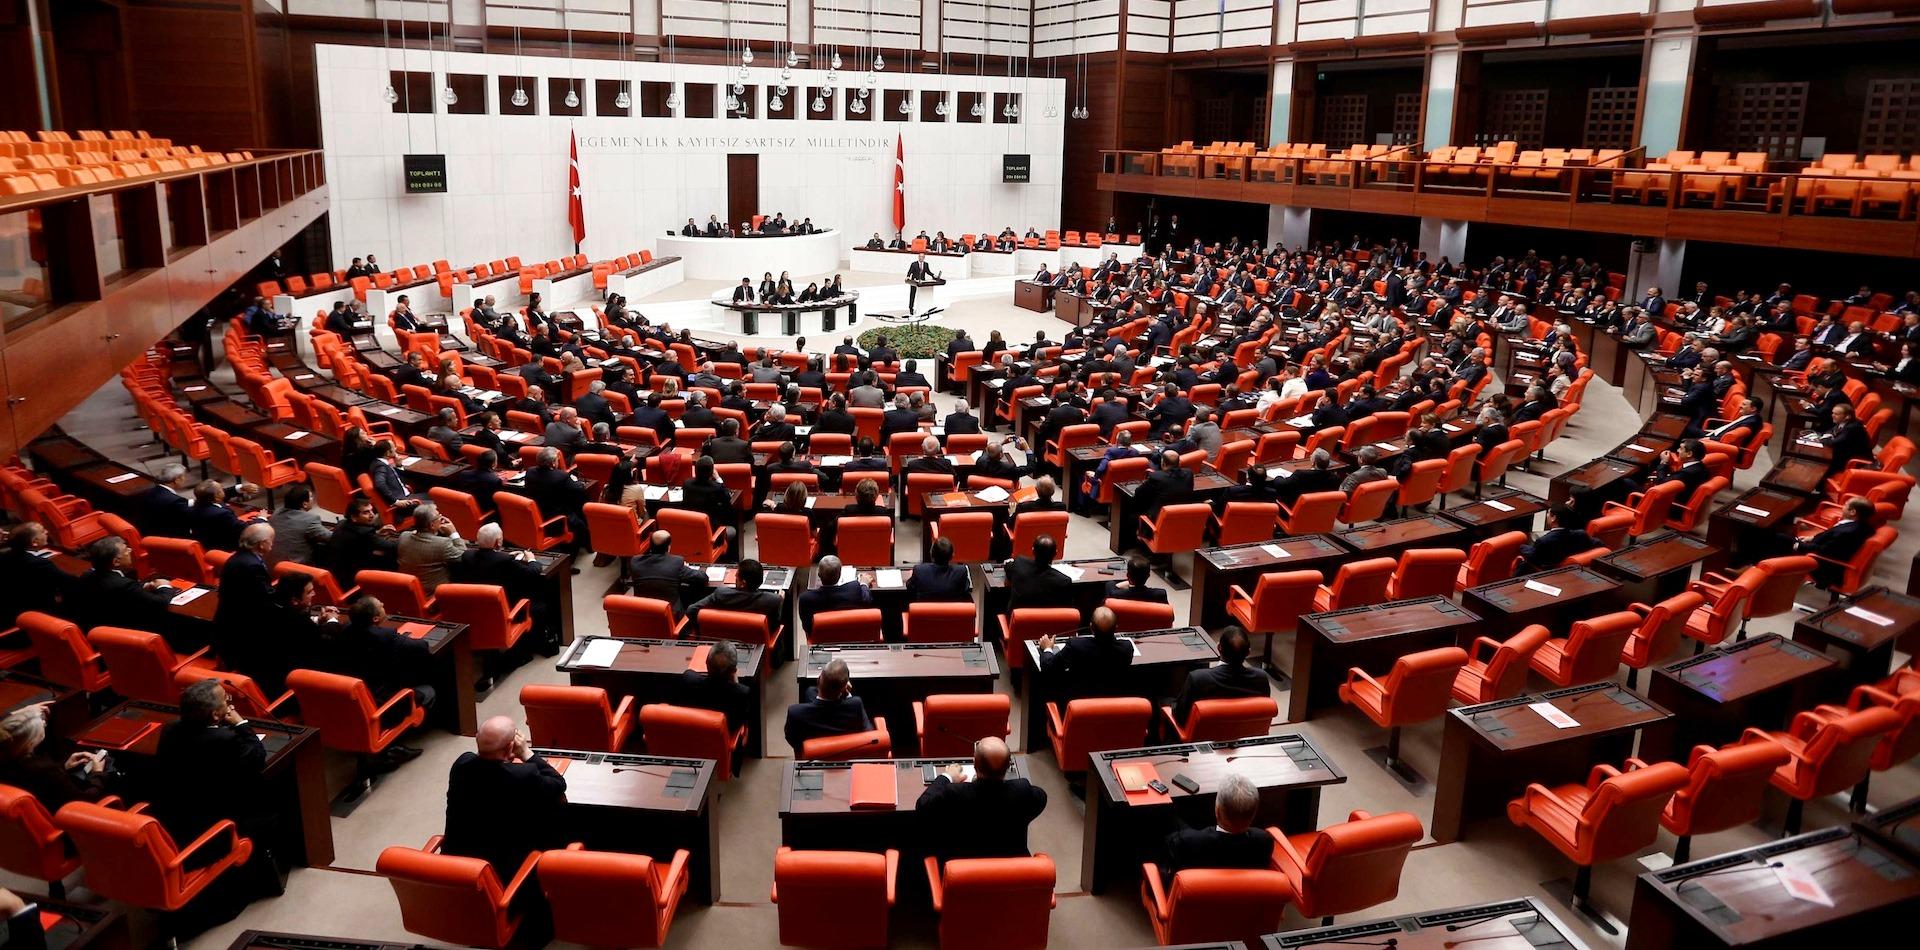 البرلمان التركي يقر بالتصويت الثاني المادتين 6 و7 من مقترح التعديل الدستوري